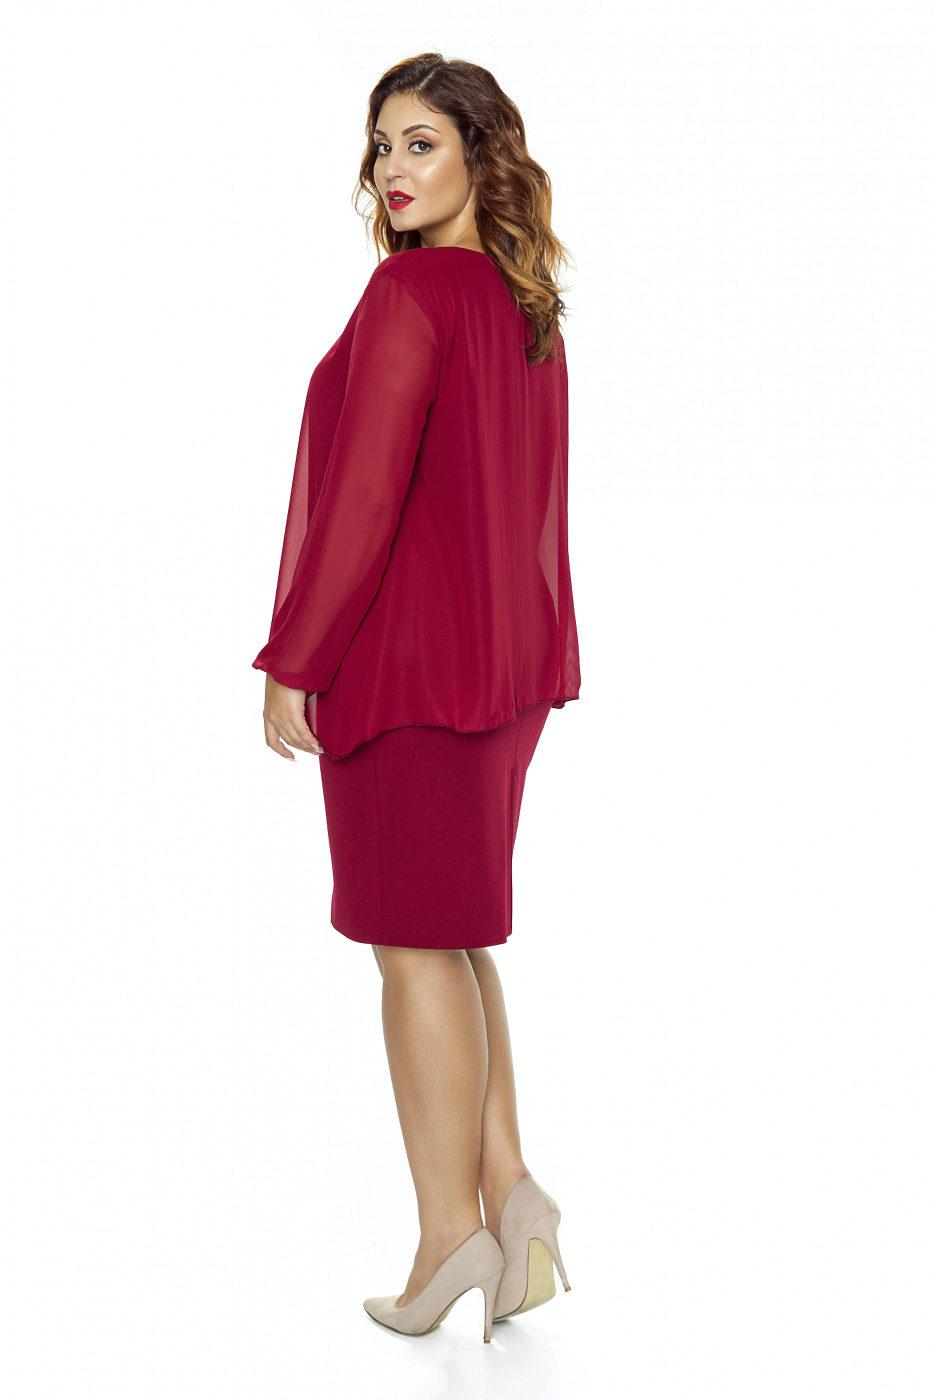 Bordó šaty s dlouhým rukávem Kartes Jackie Kartes  ac1c3feaca